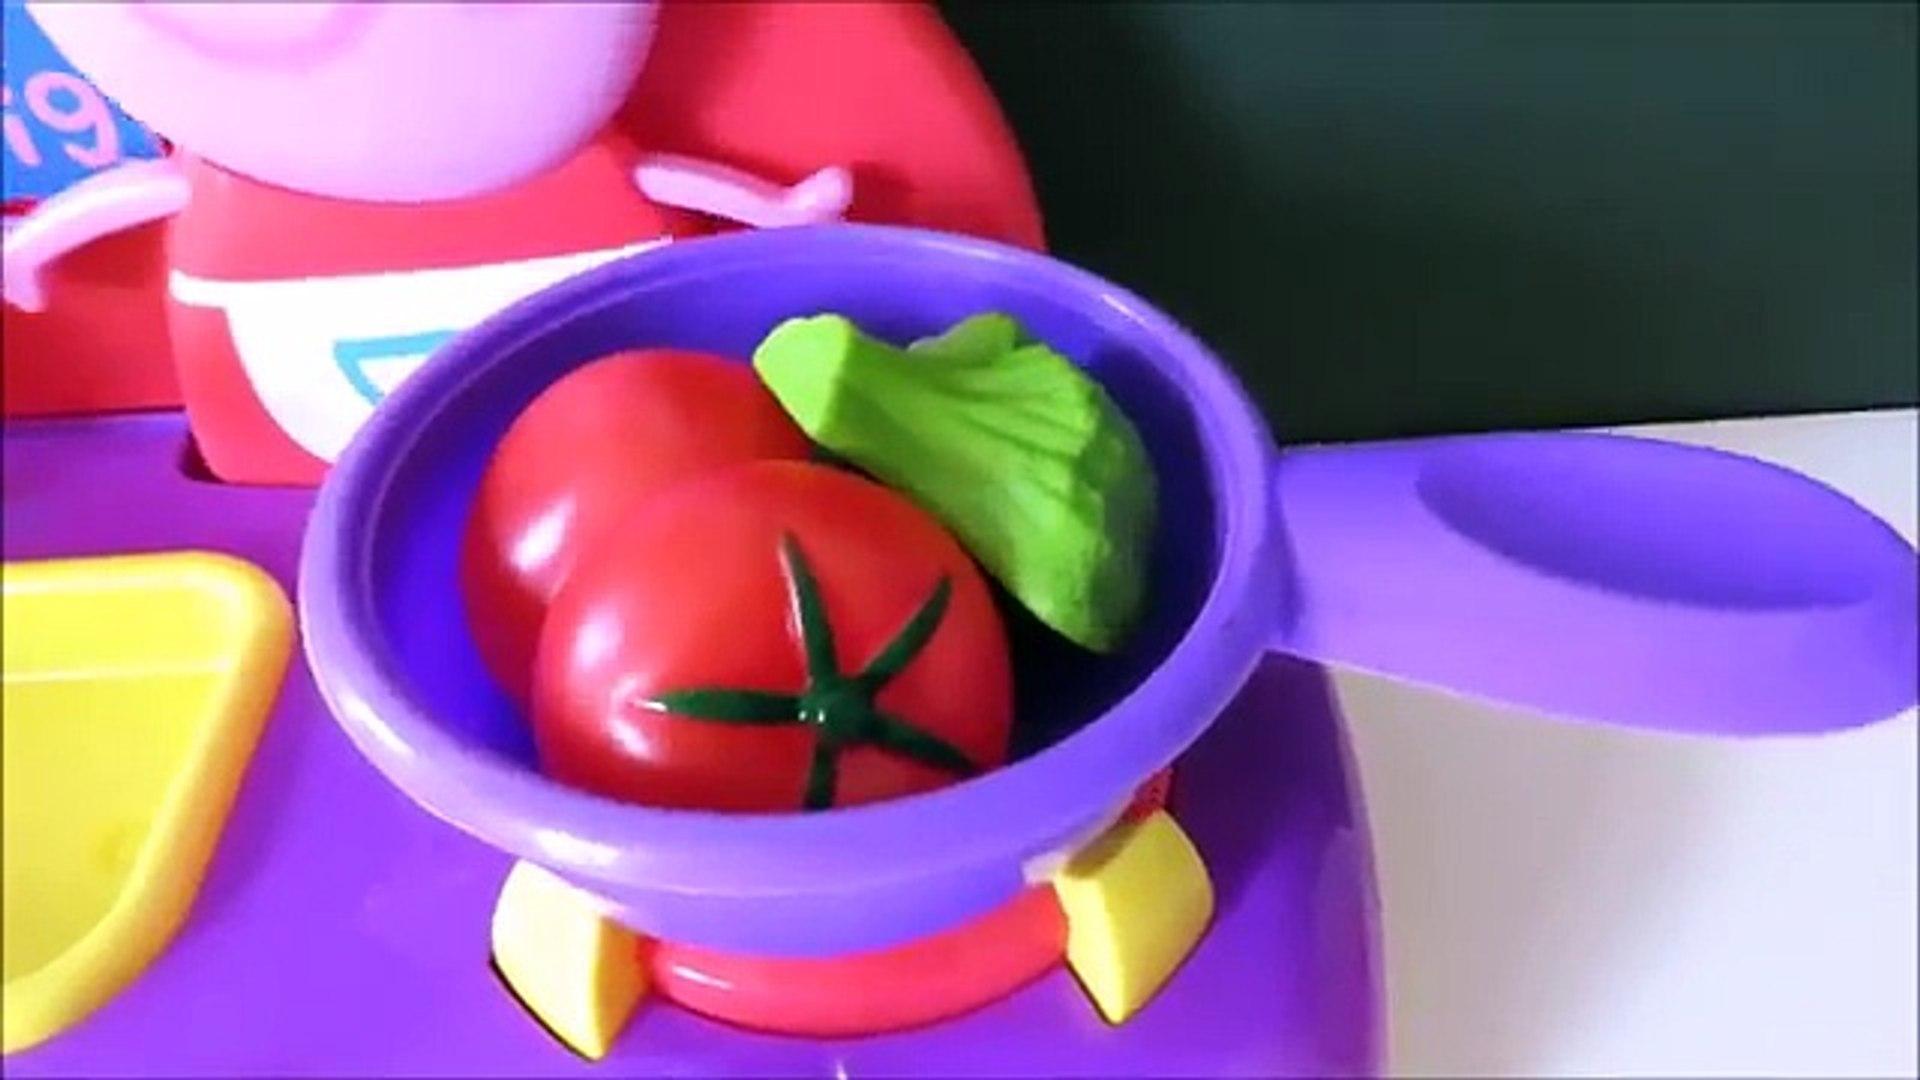 И Цвет резка фрукты кухня Узнайте имен из Пеппа свинья песок Комплект Кому Это овощи липучка с